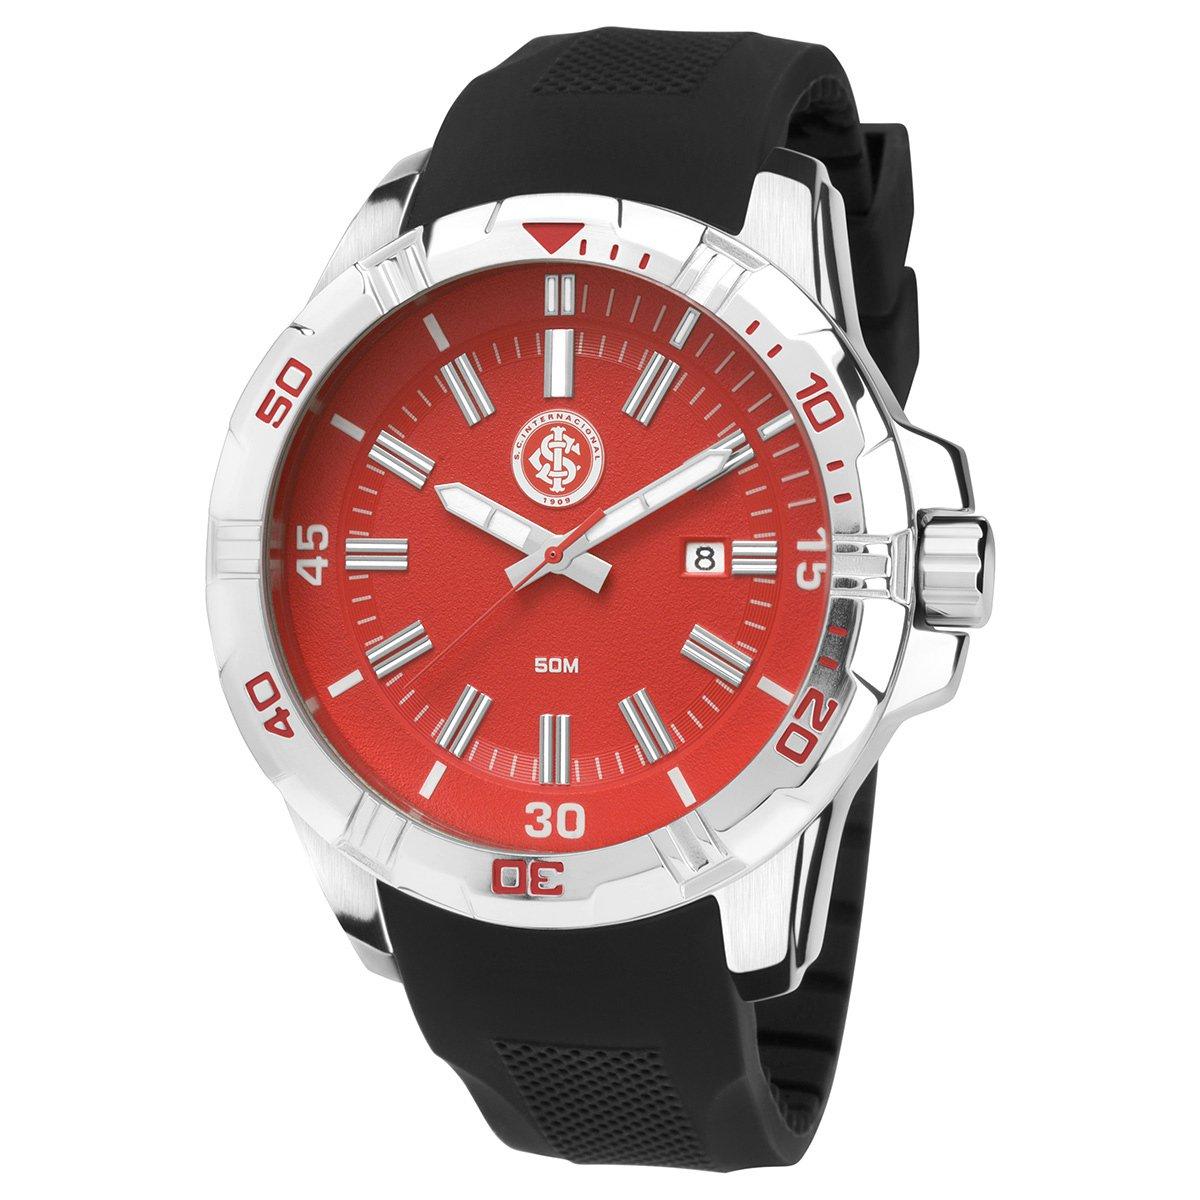 b3b78f2c1a8 Relógio Internacional Technos Analógico V Calendário - Compre Agora ...